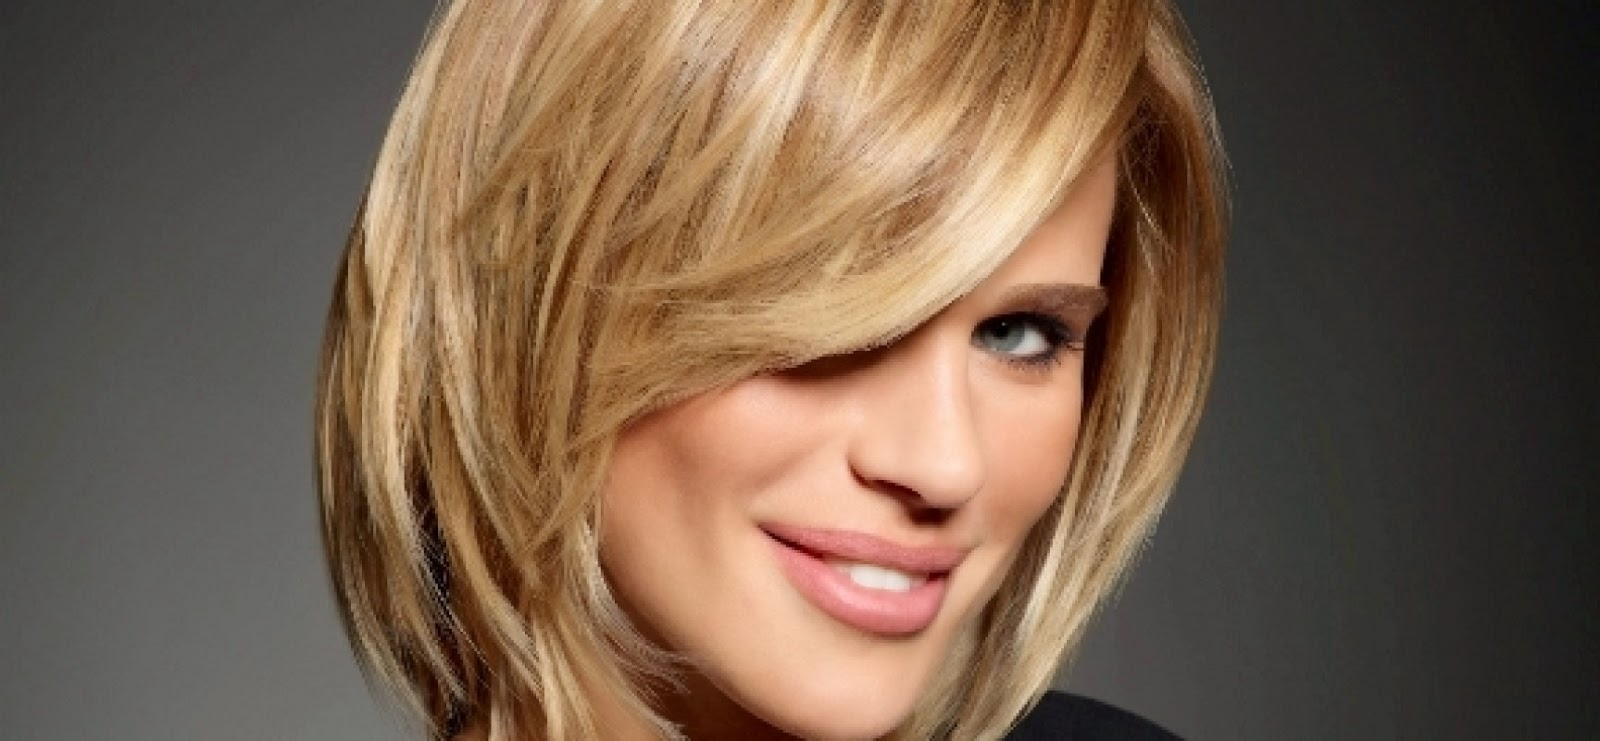 Immagini taglio capelli donna